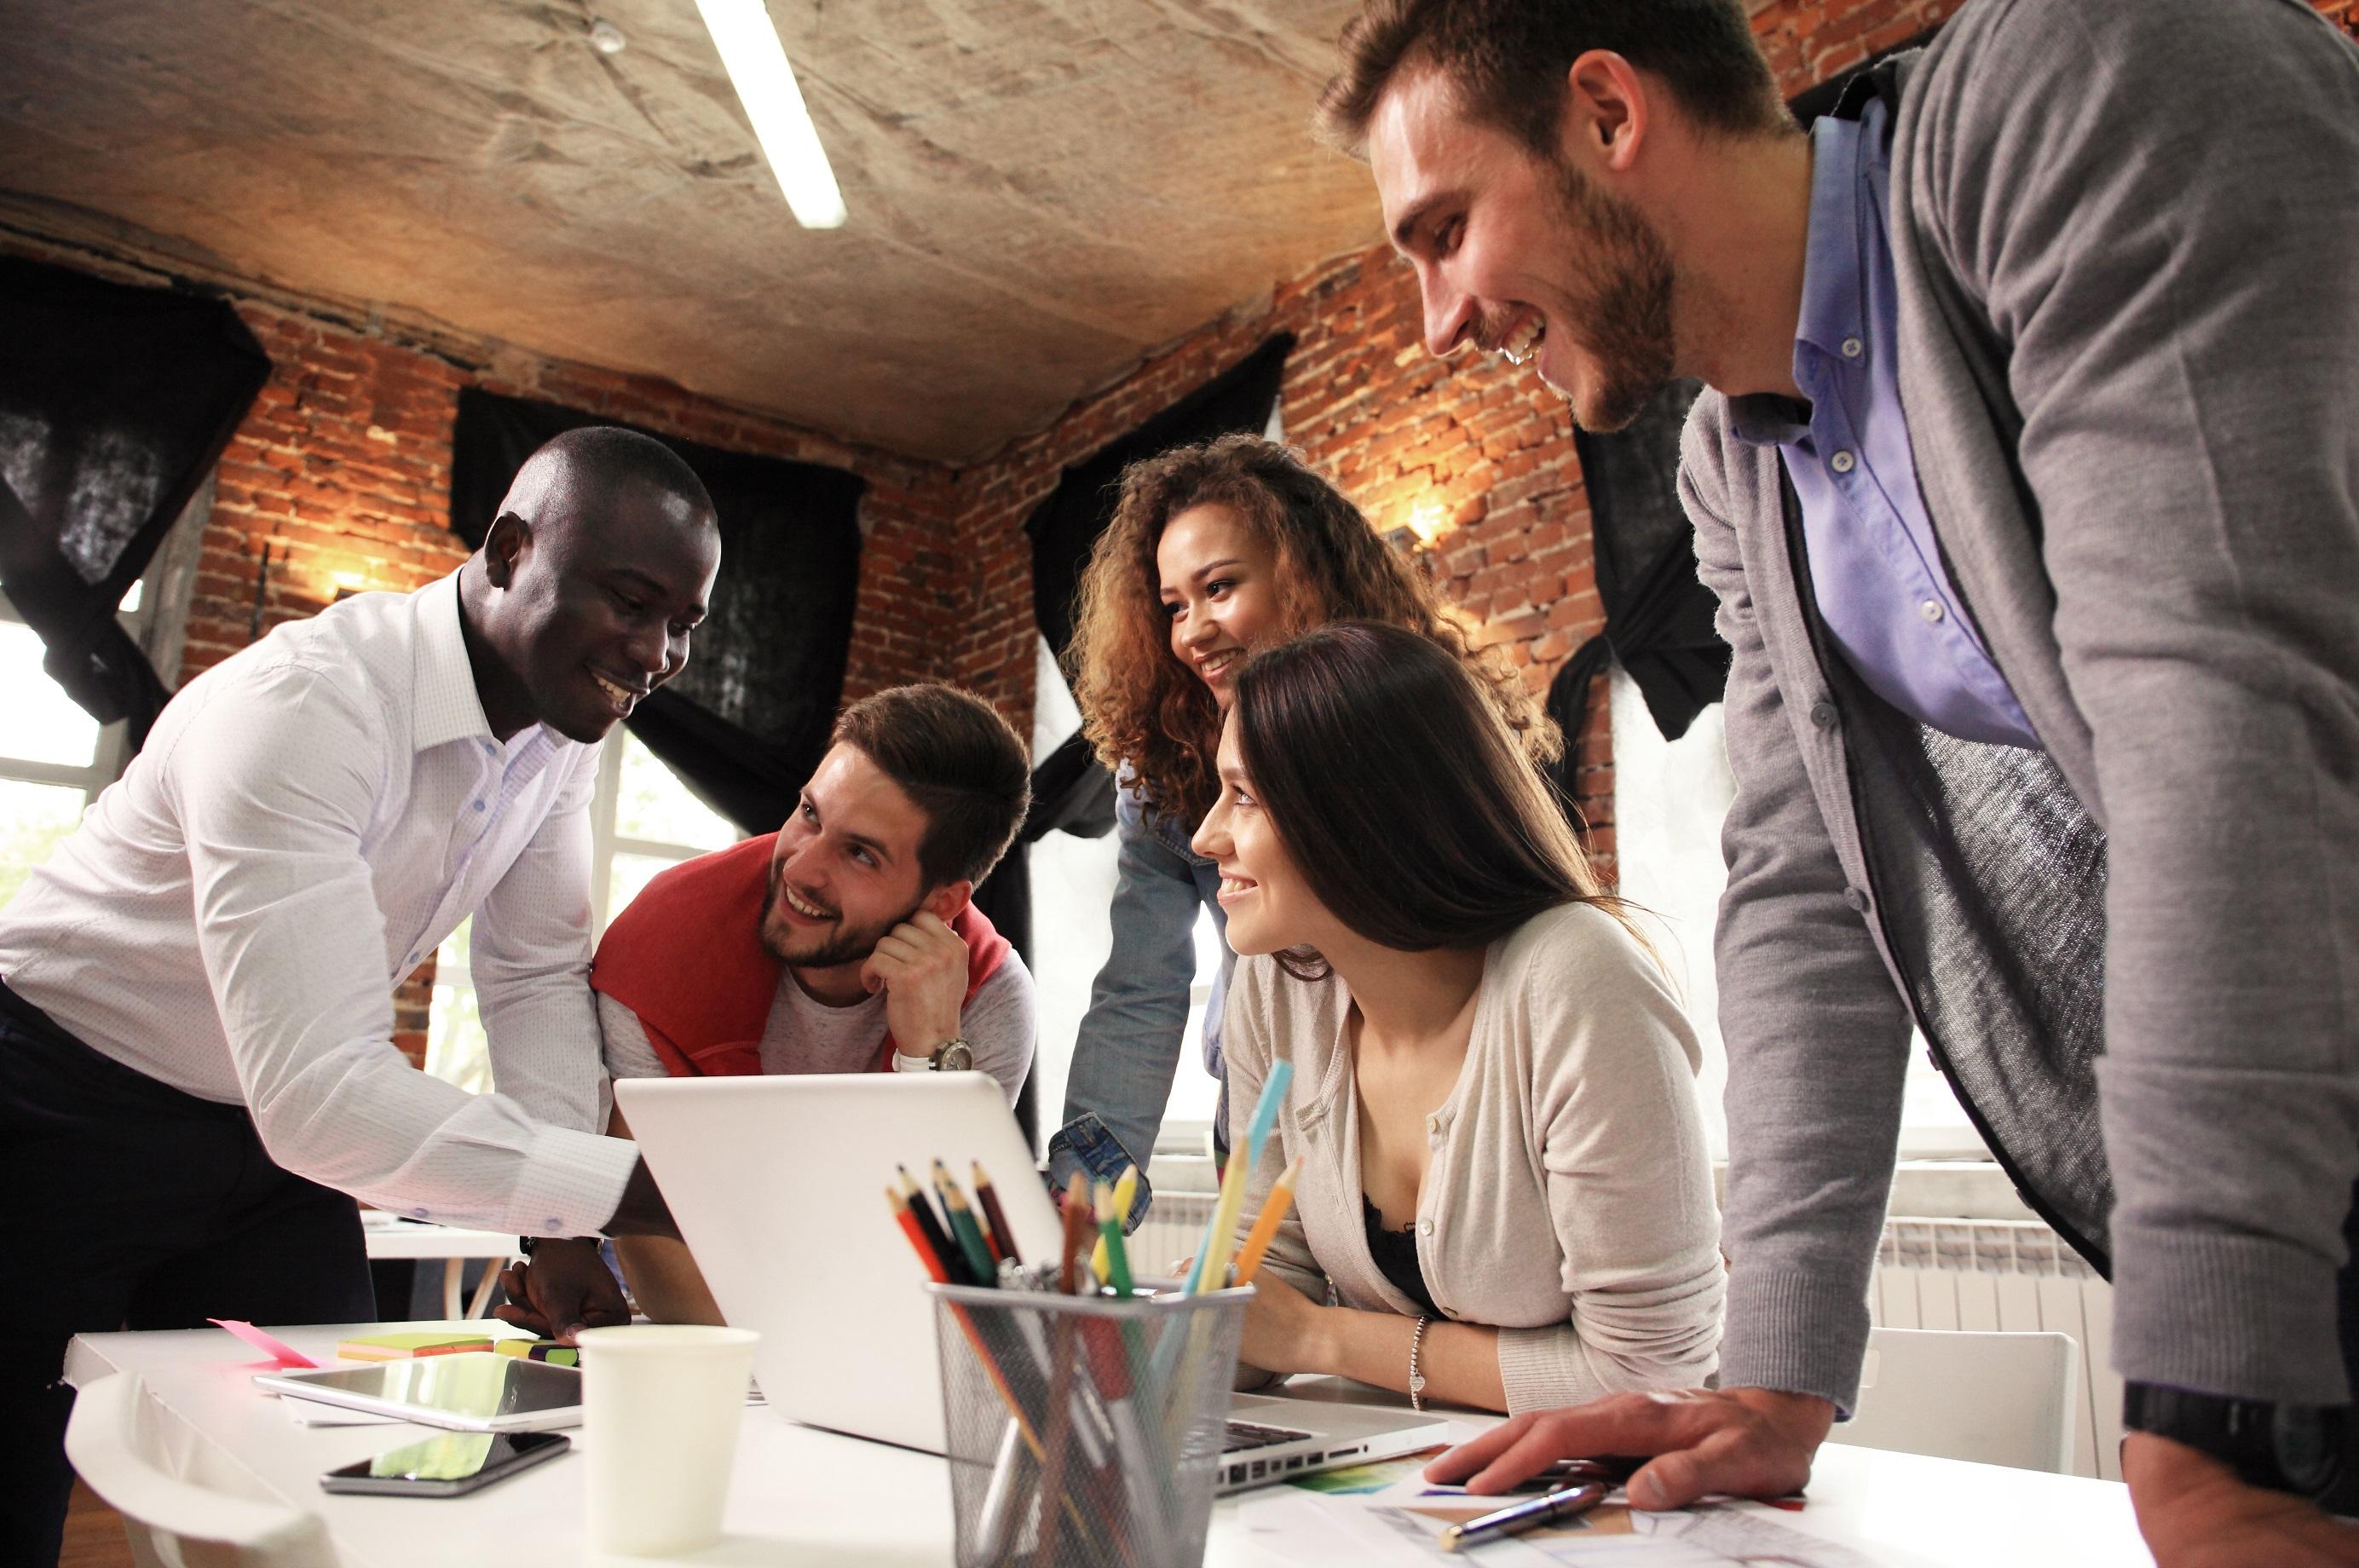 Confira o que motiva as empresas a oferecer mais bem-estar aos colaboradores